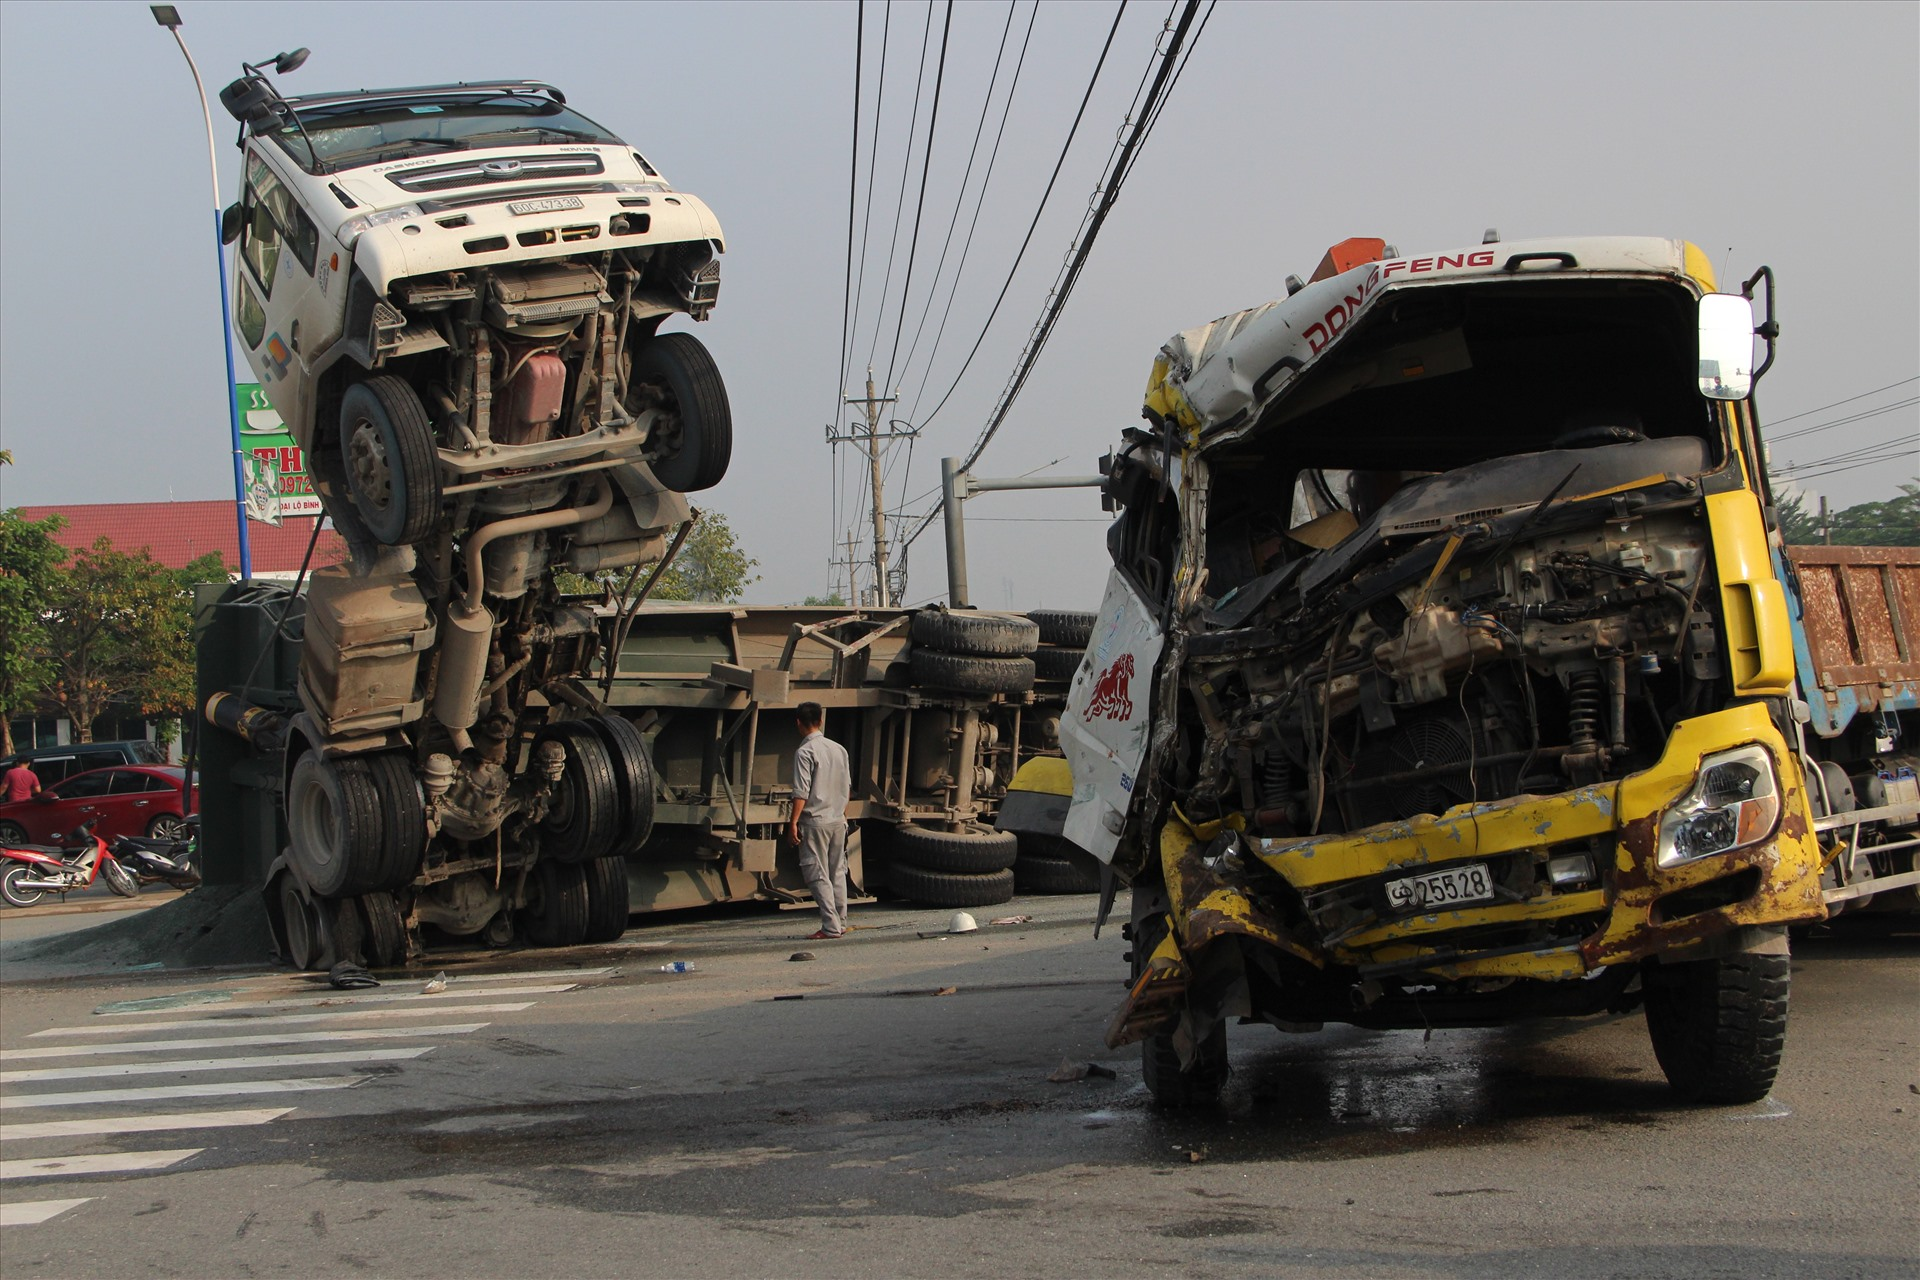 Số người chết vì tai nạn giao thông ở tỉnh này vẫn cao. Ảnh: Đình Trọng